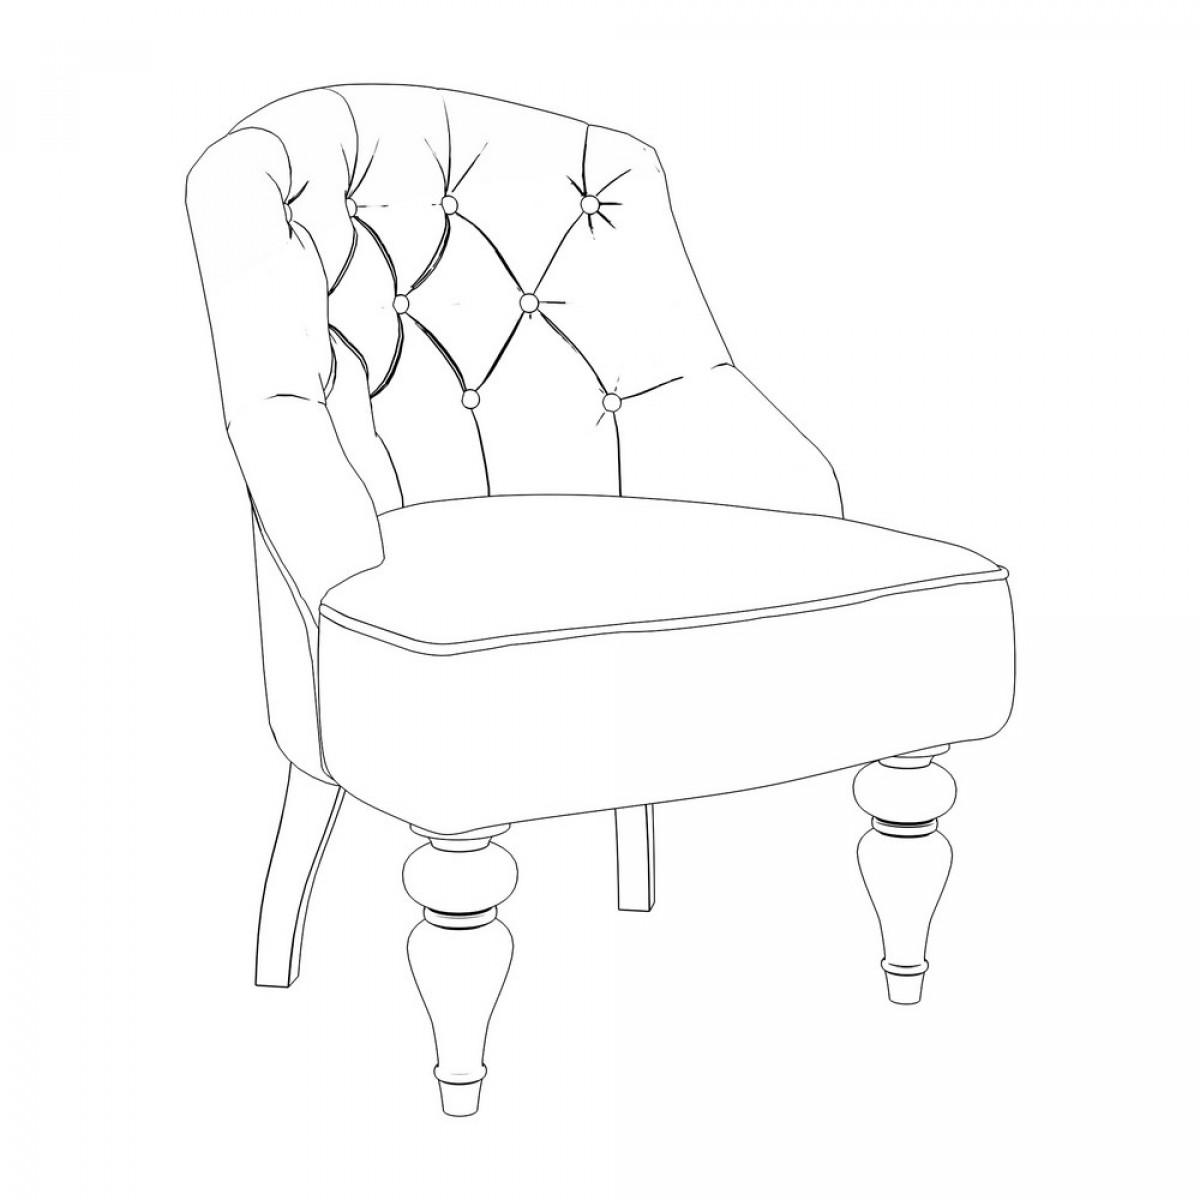 M08-B-E30 Кресло Шоффез коллекция L'Atelier Du Meuble